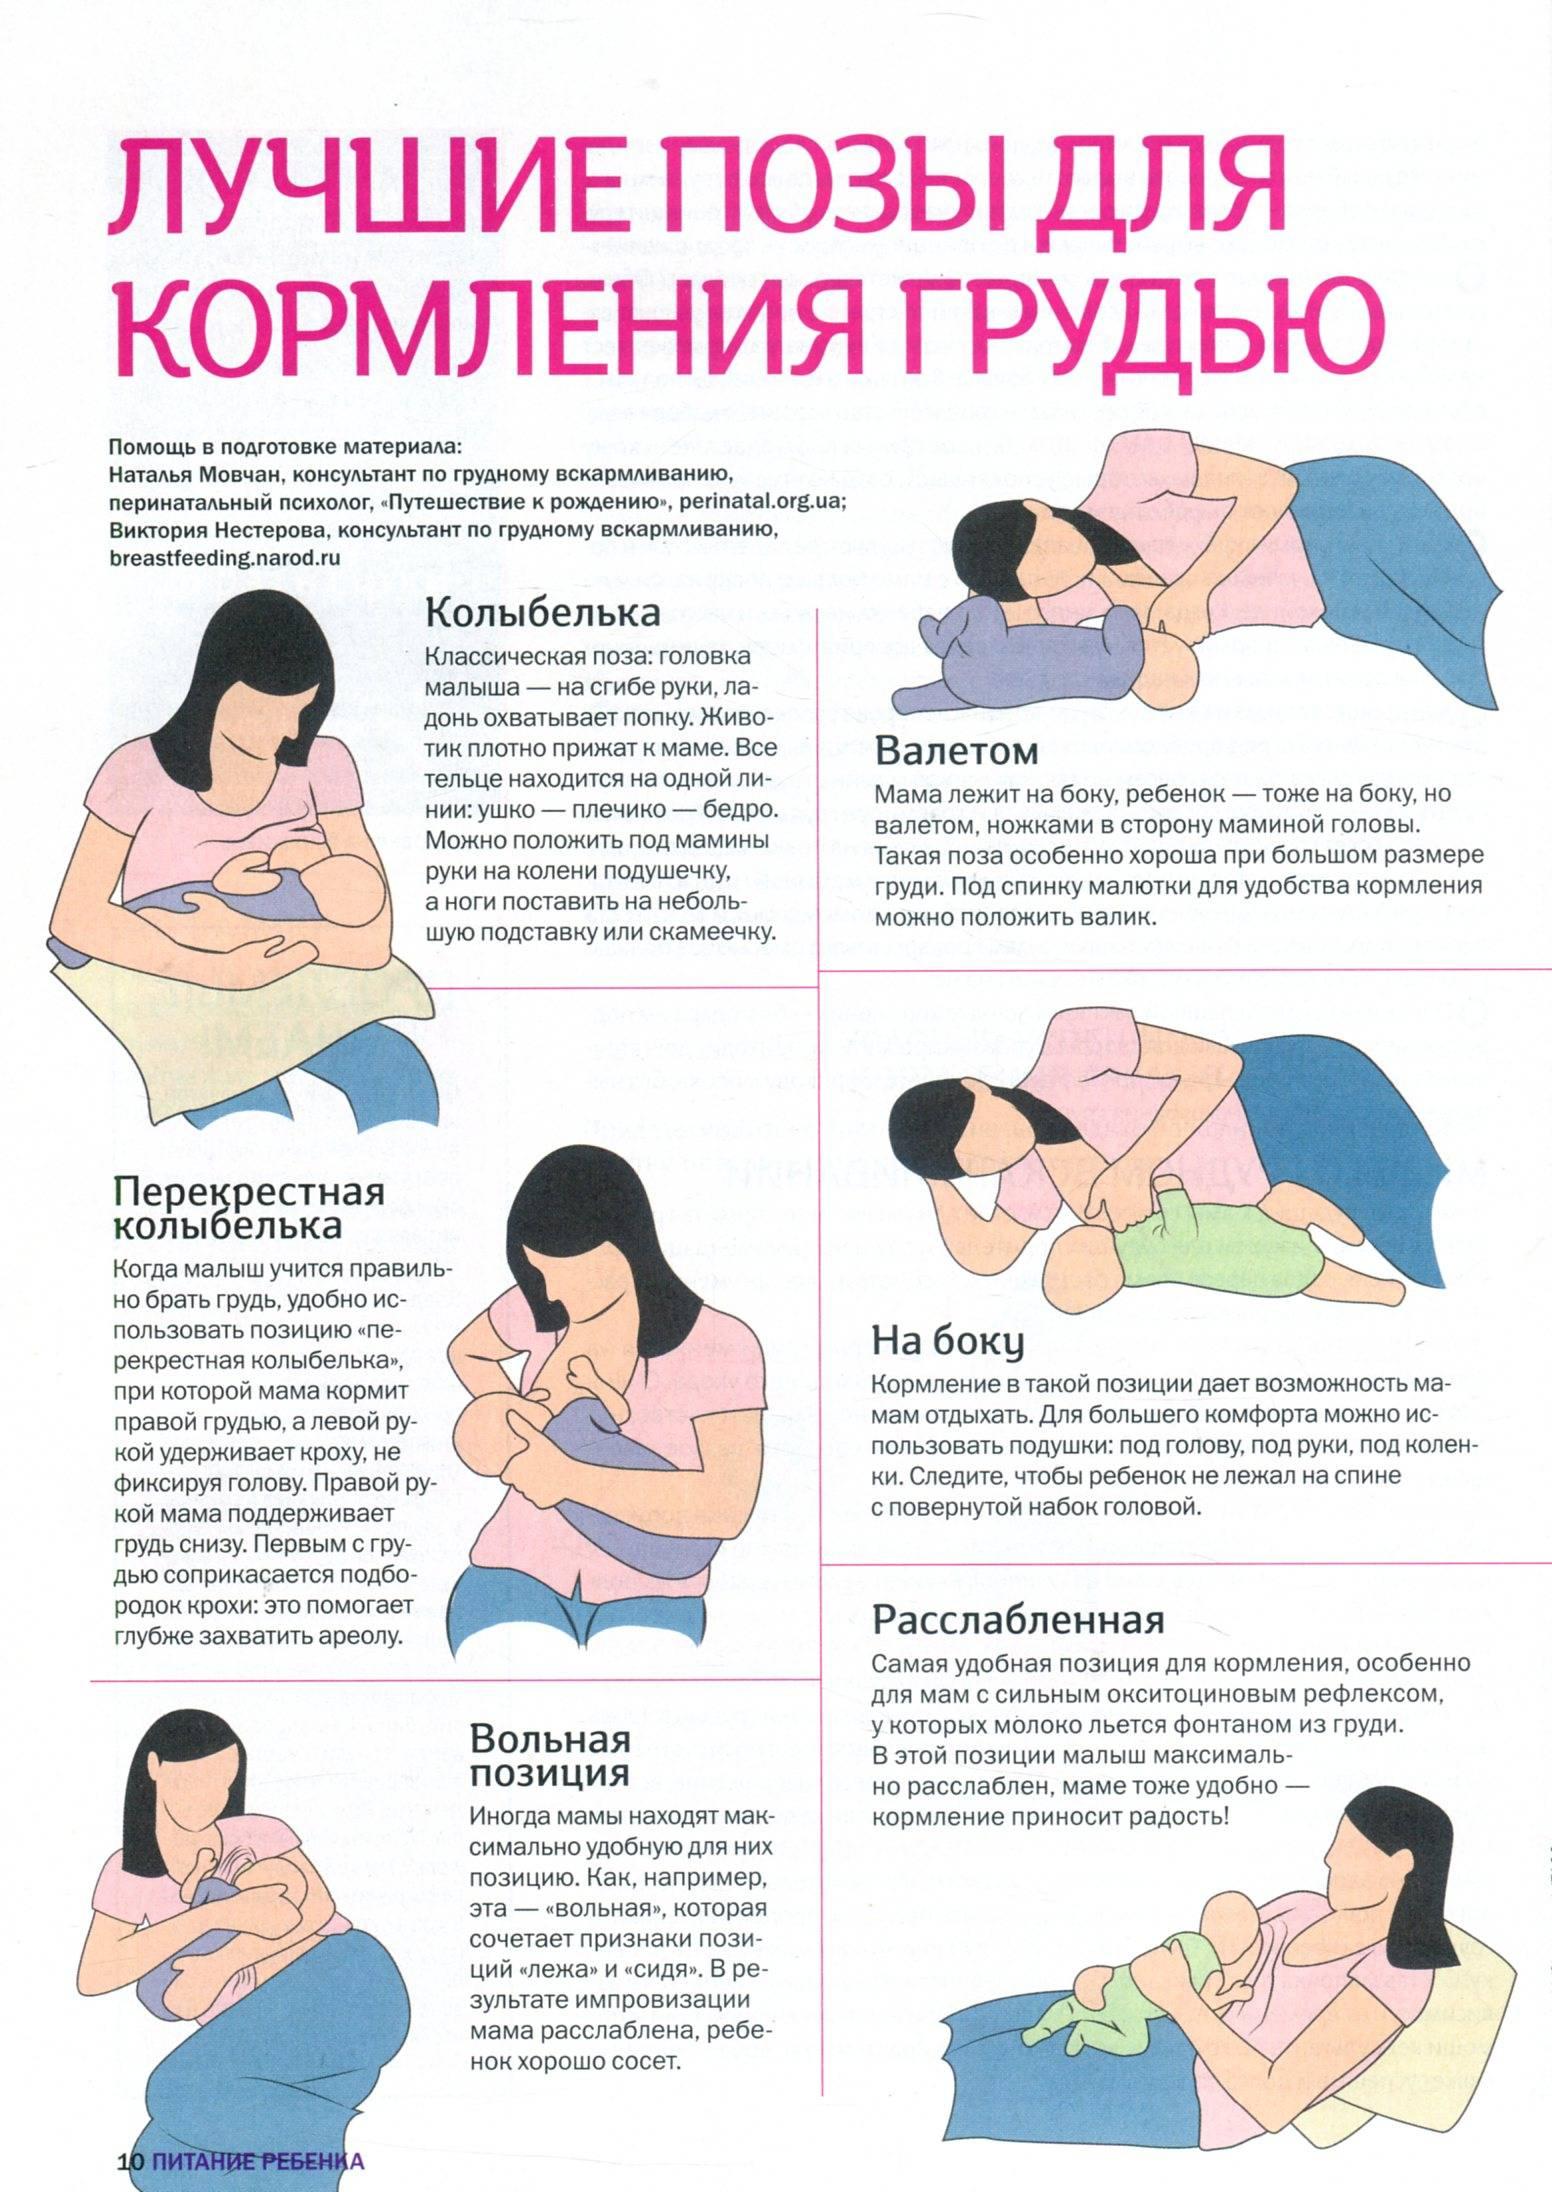 Позы для кормления грудью, фото поз кормления новорожденного ребенка грудью